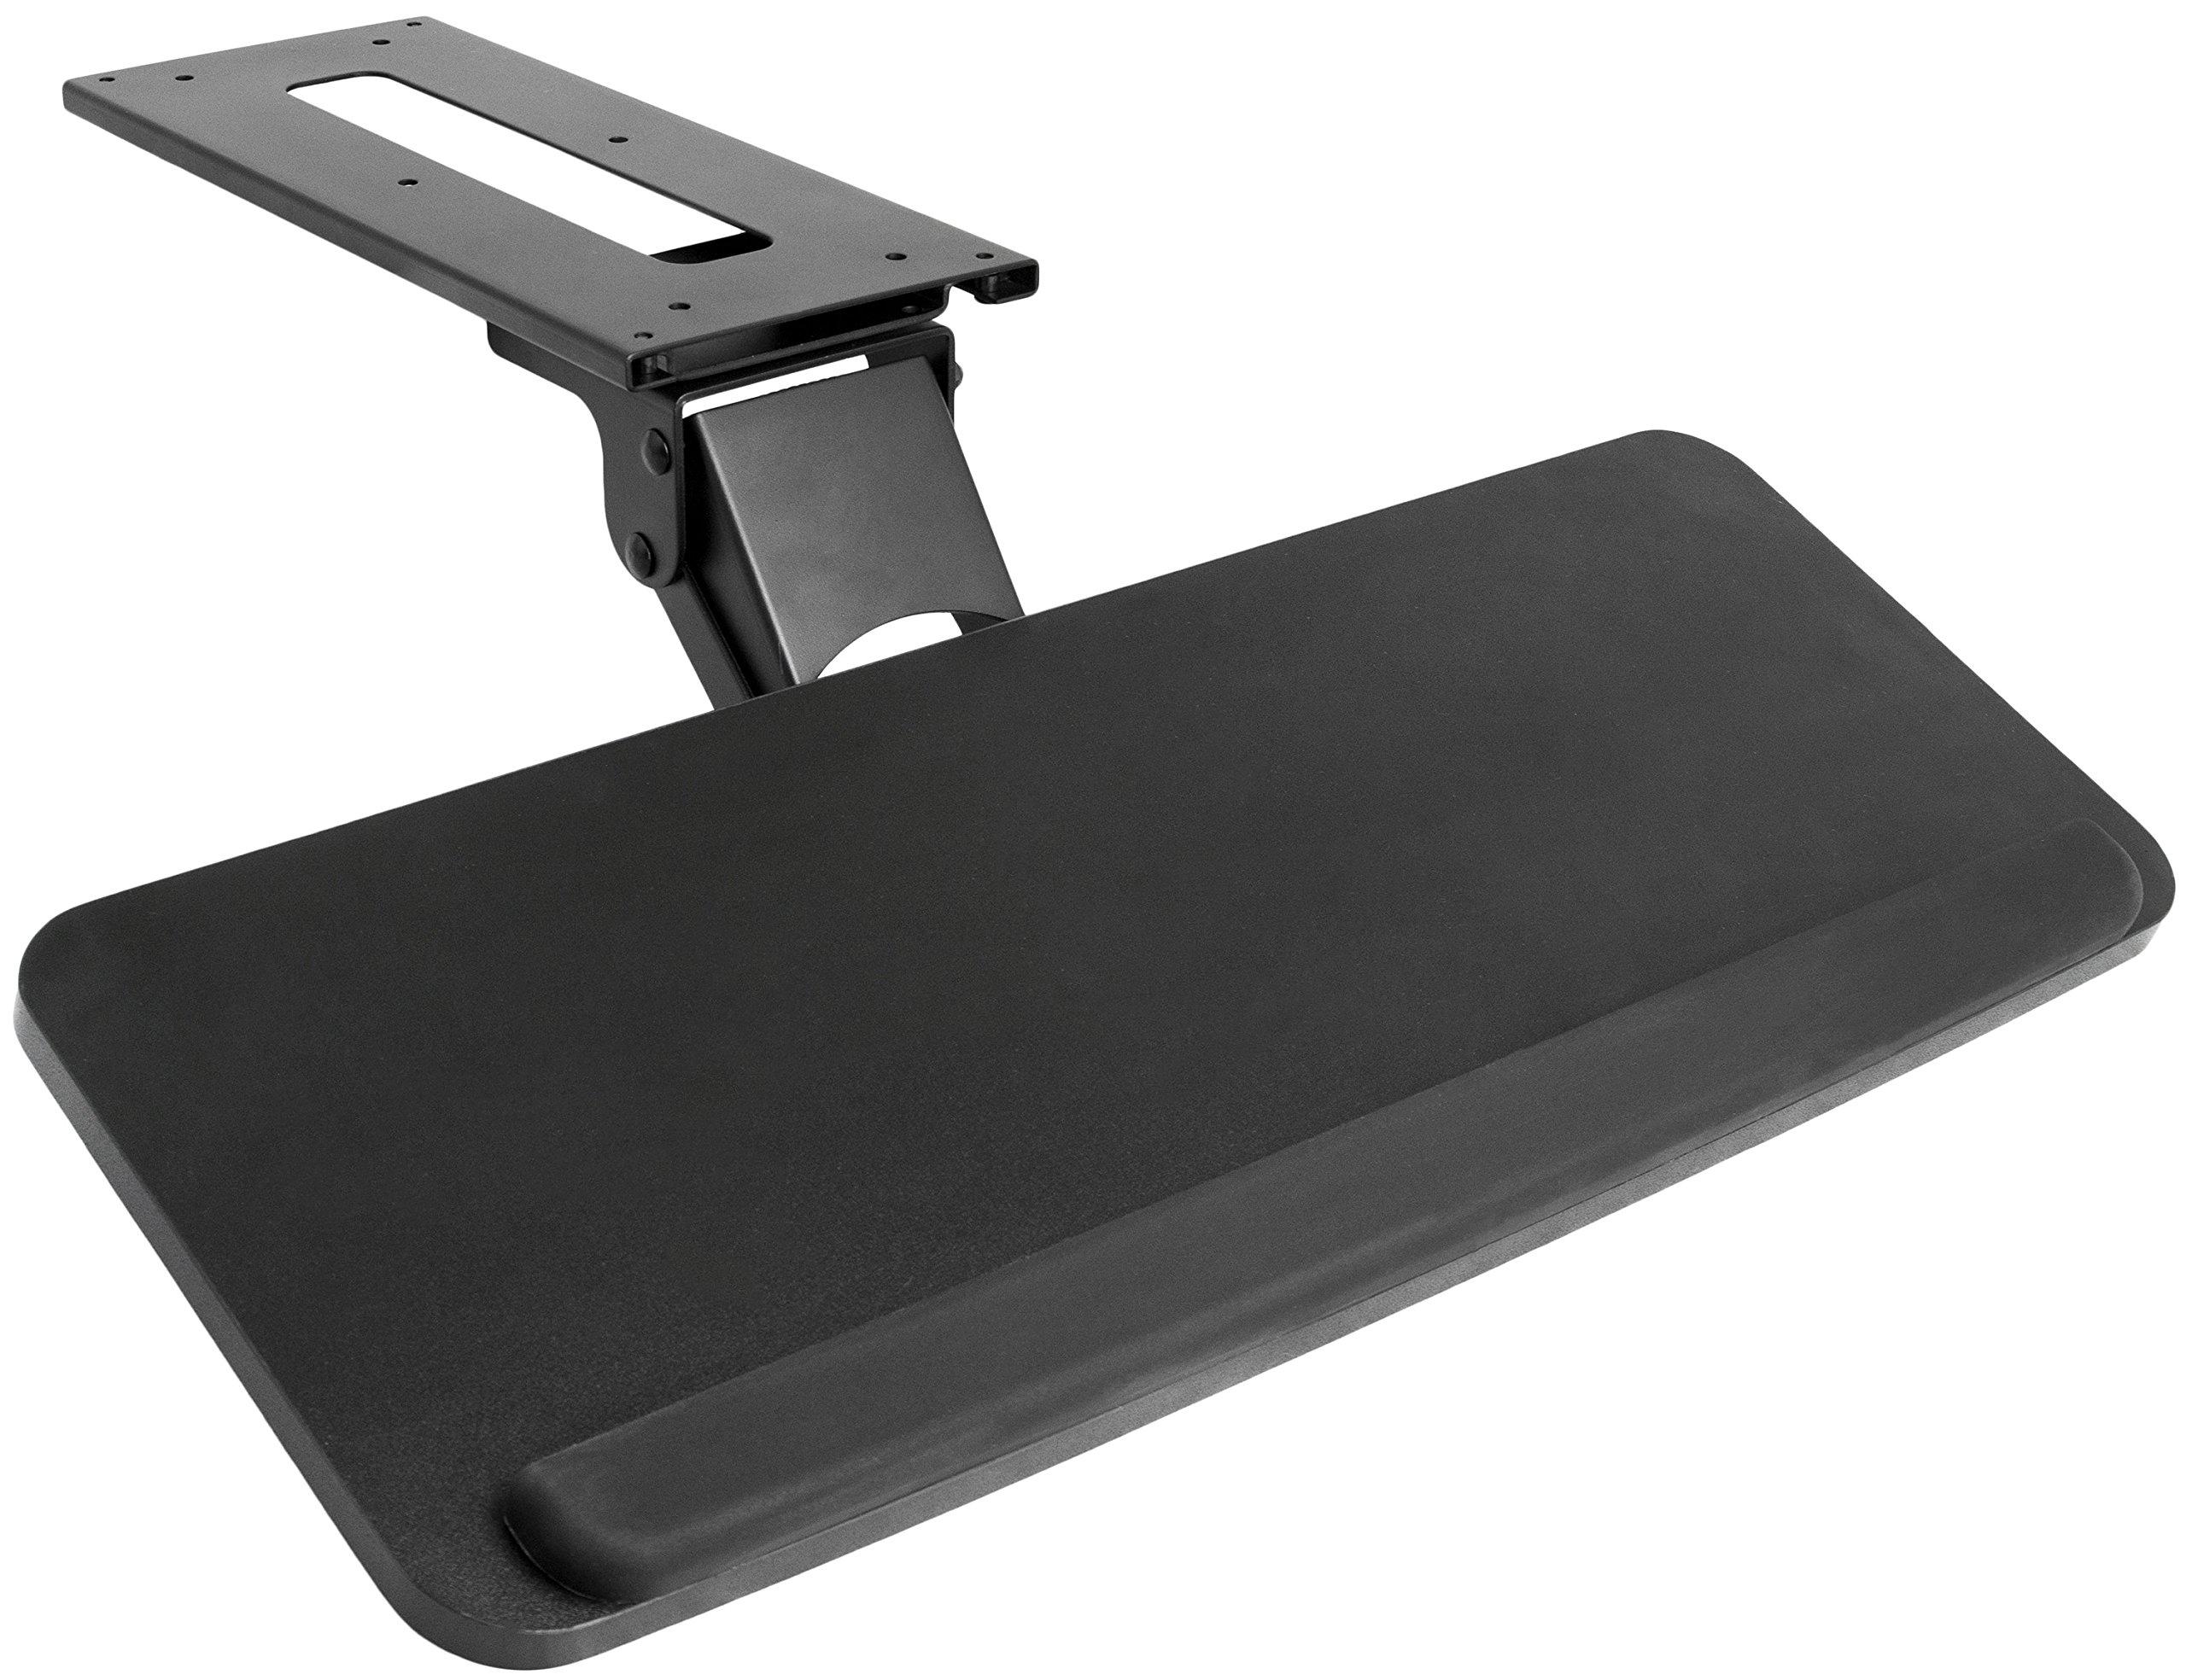 VIVO Adjustable Computer Keyboard & Mouse Platform Tray Ergonomic Under Table Desk Mount Drawer Underdesk Shelf (MOUNT-KB03B)